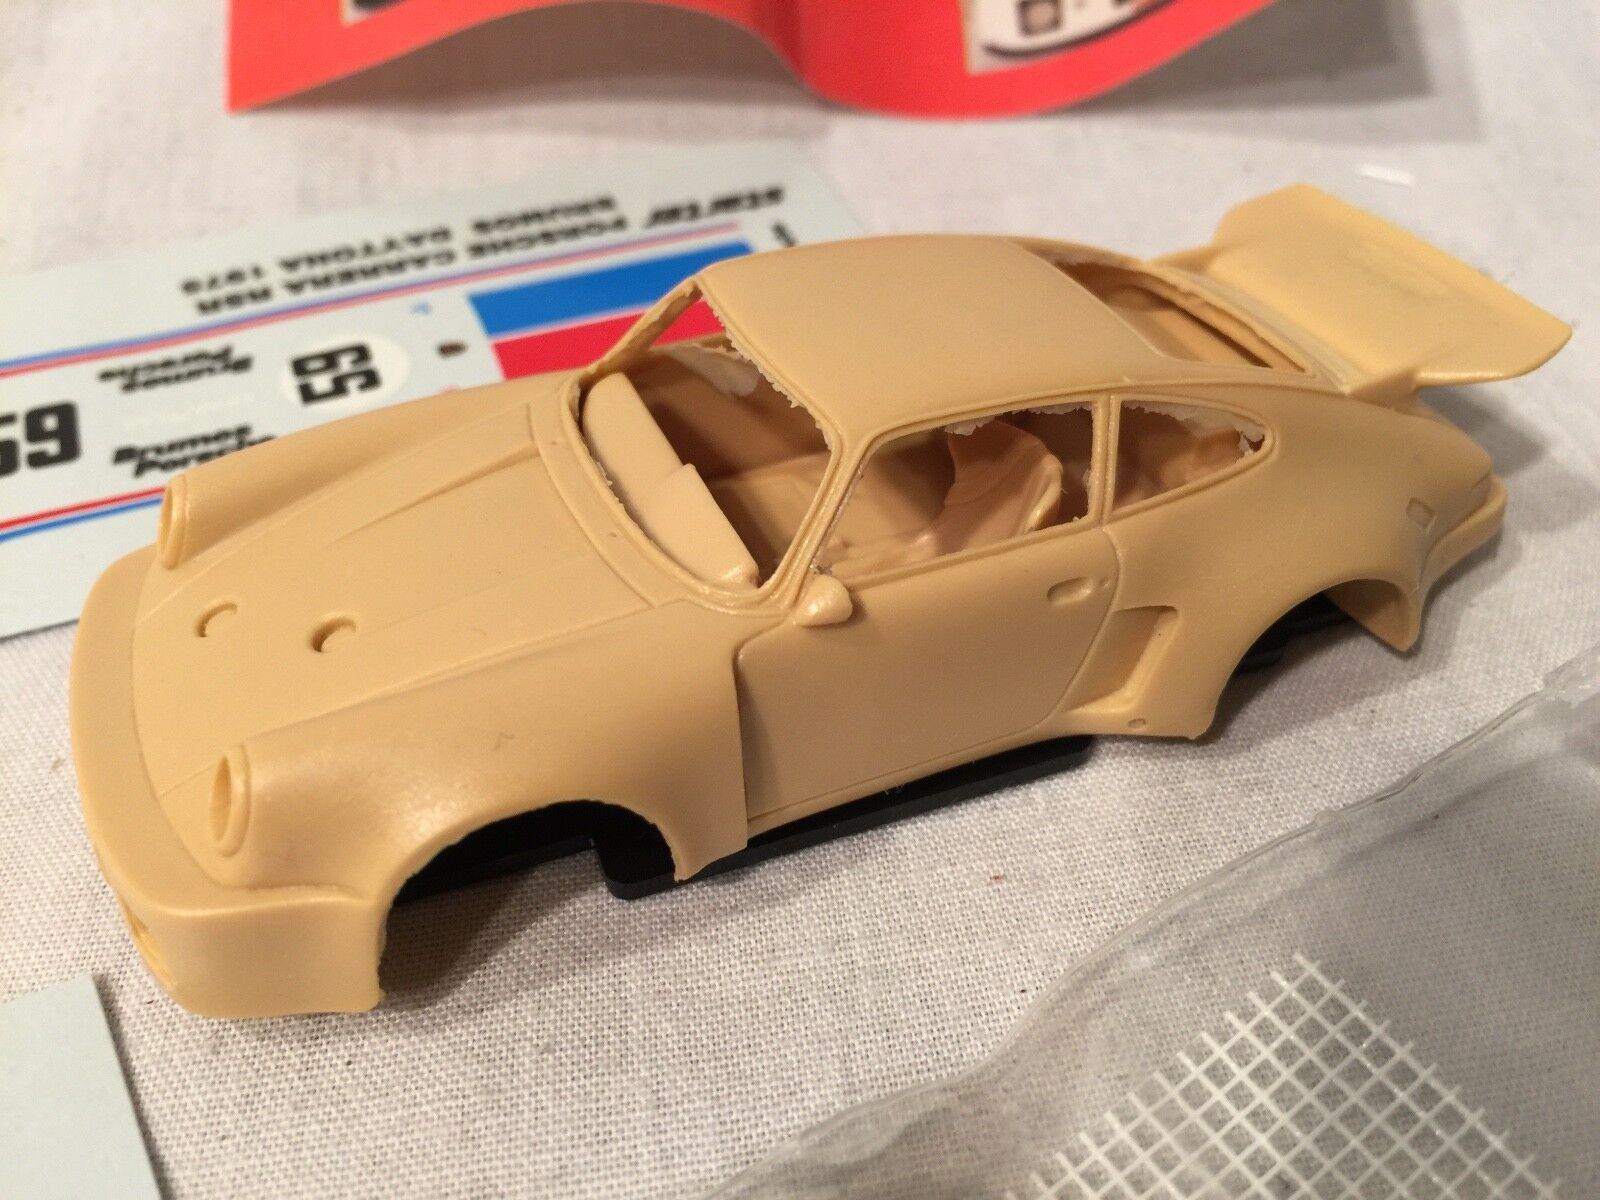 Porsche Carrera RSR 935 Brumos 75 Kit de modelo de resina de Arranque Daytona Menta en caja Francia